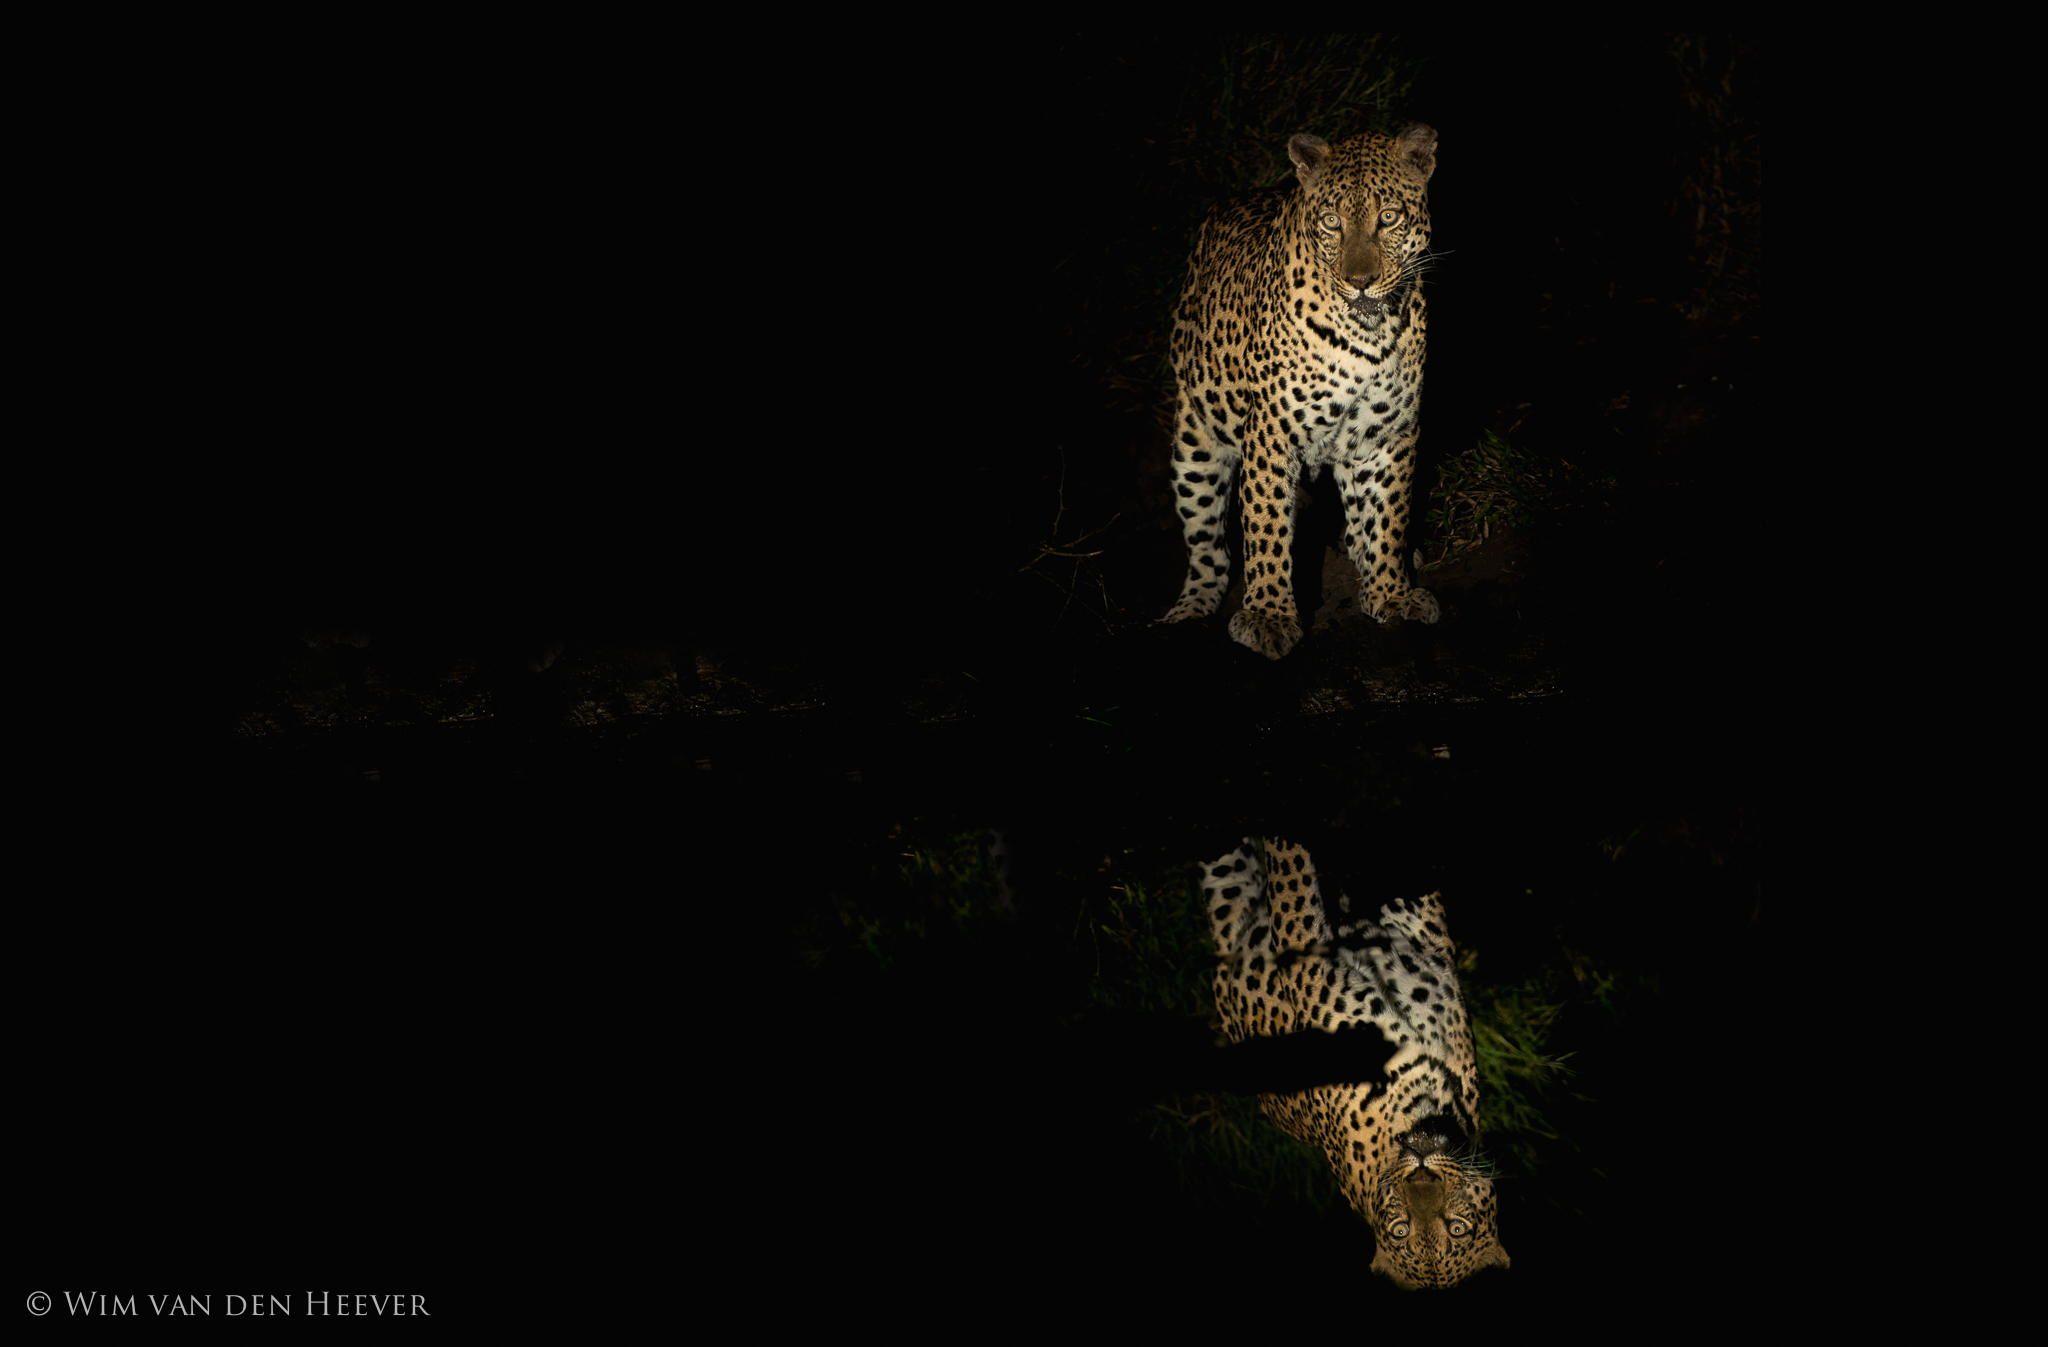 Fotografia Reflections de Wim van den Heever na 500px